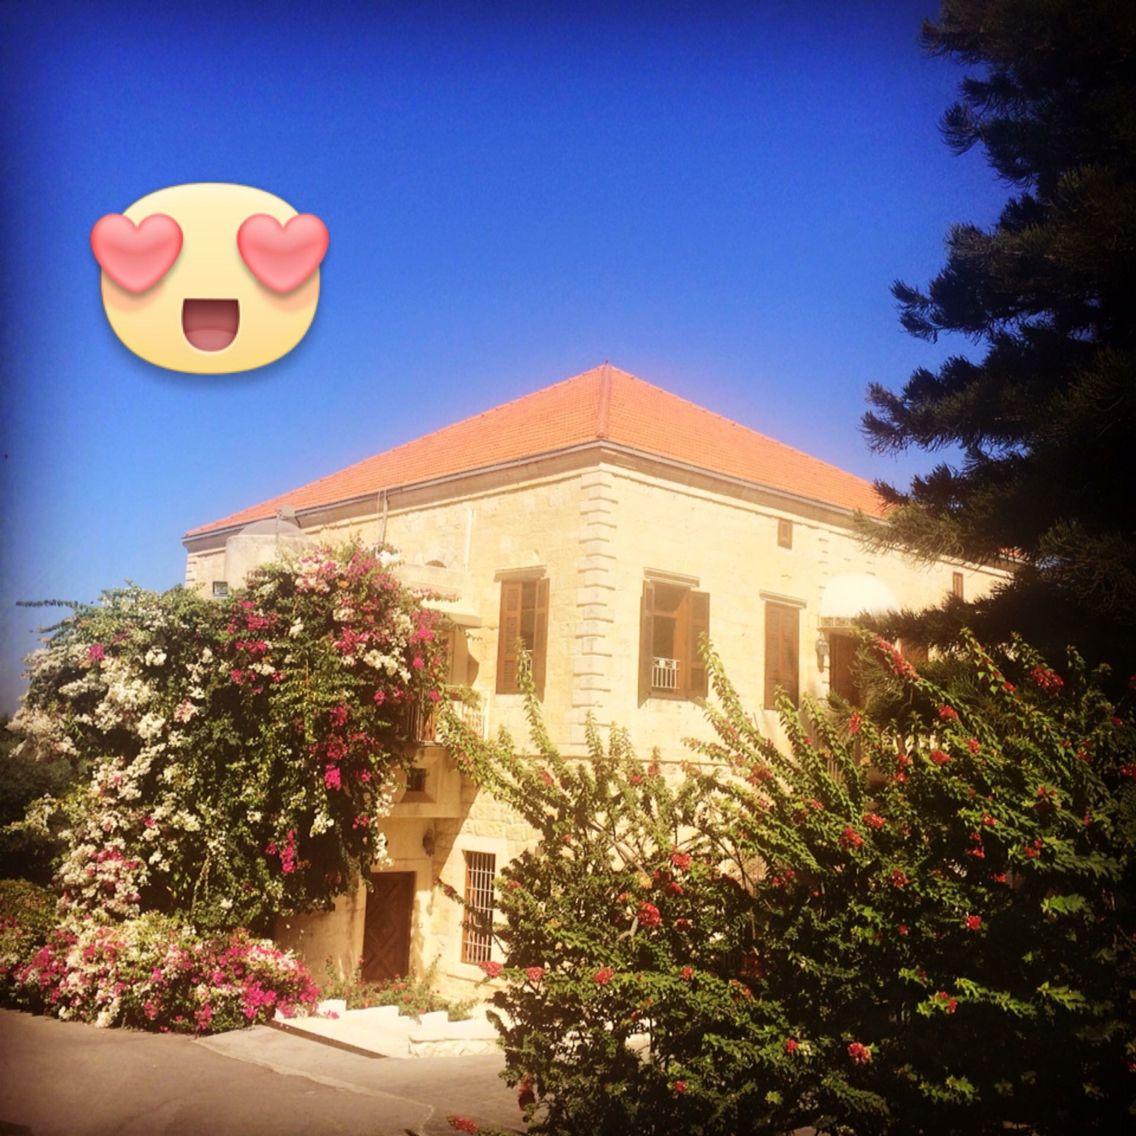 Maison libanaise traditionnelle lebanon pinterest for Architecture maison traditionnelle libanaise